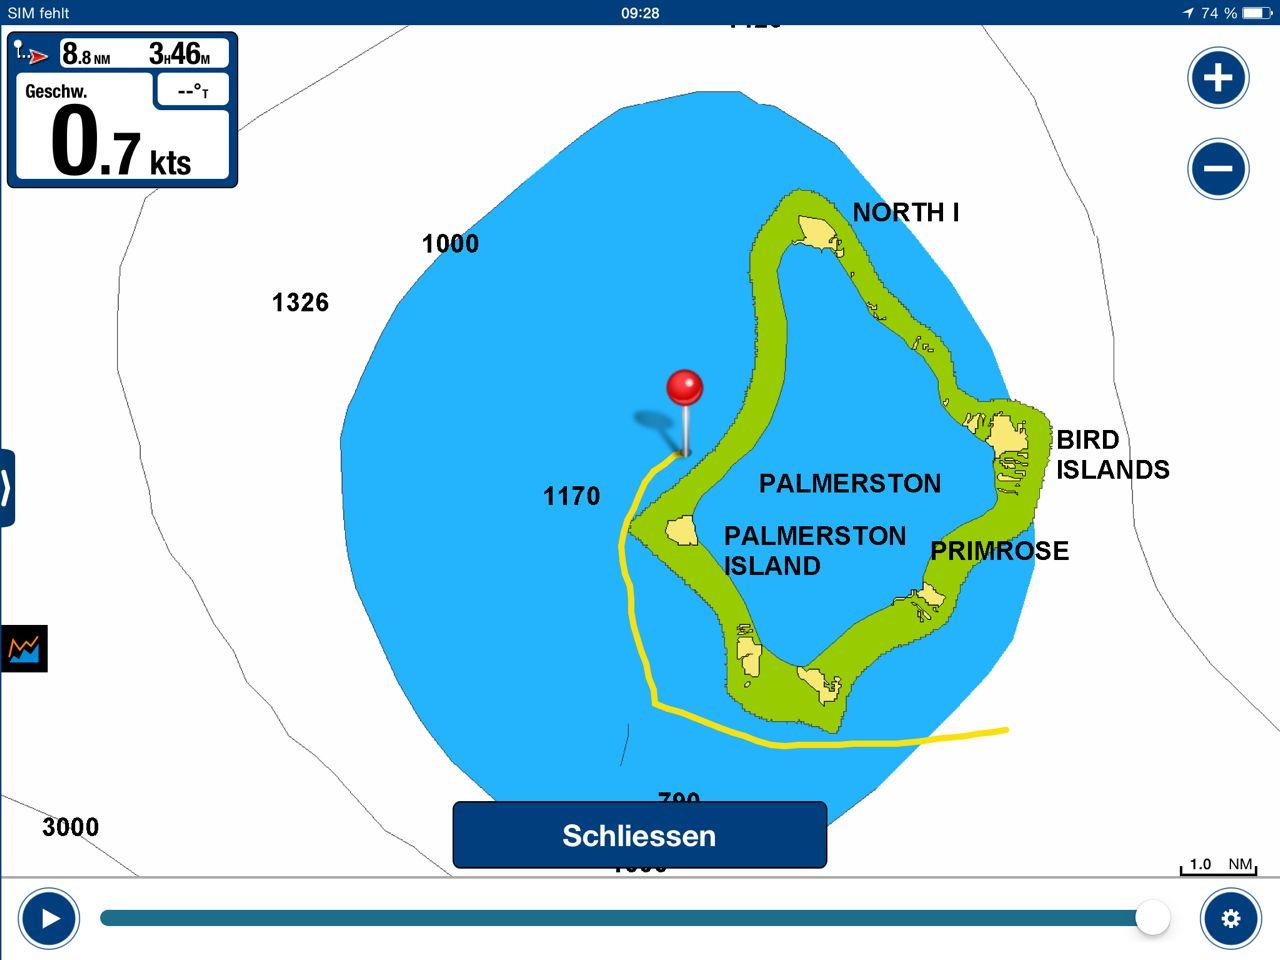 Die Seekarte von Palmerston ist für die Crew der hapa na sasa komplett unbrauchbar.